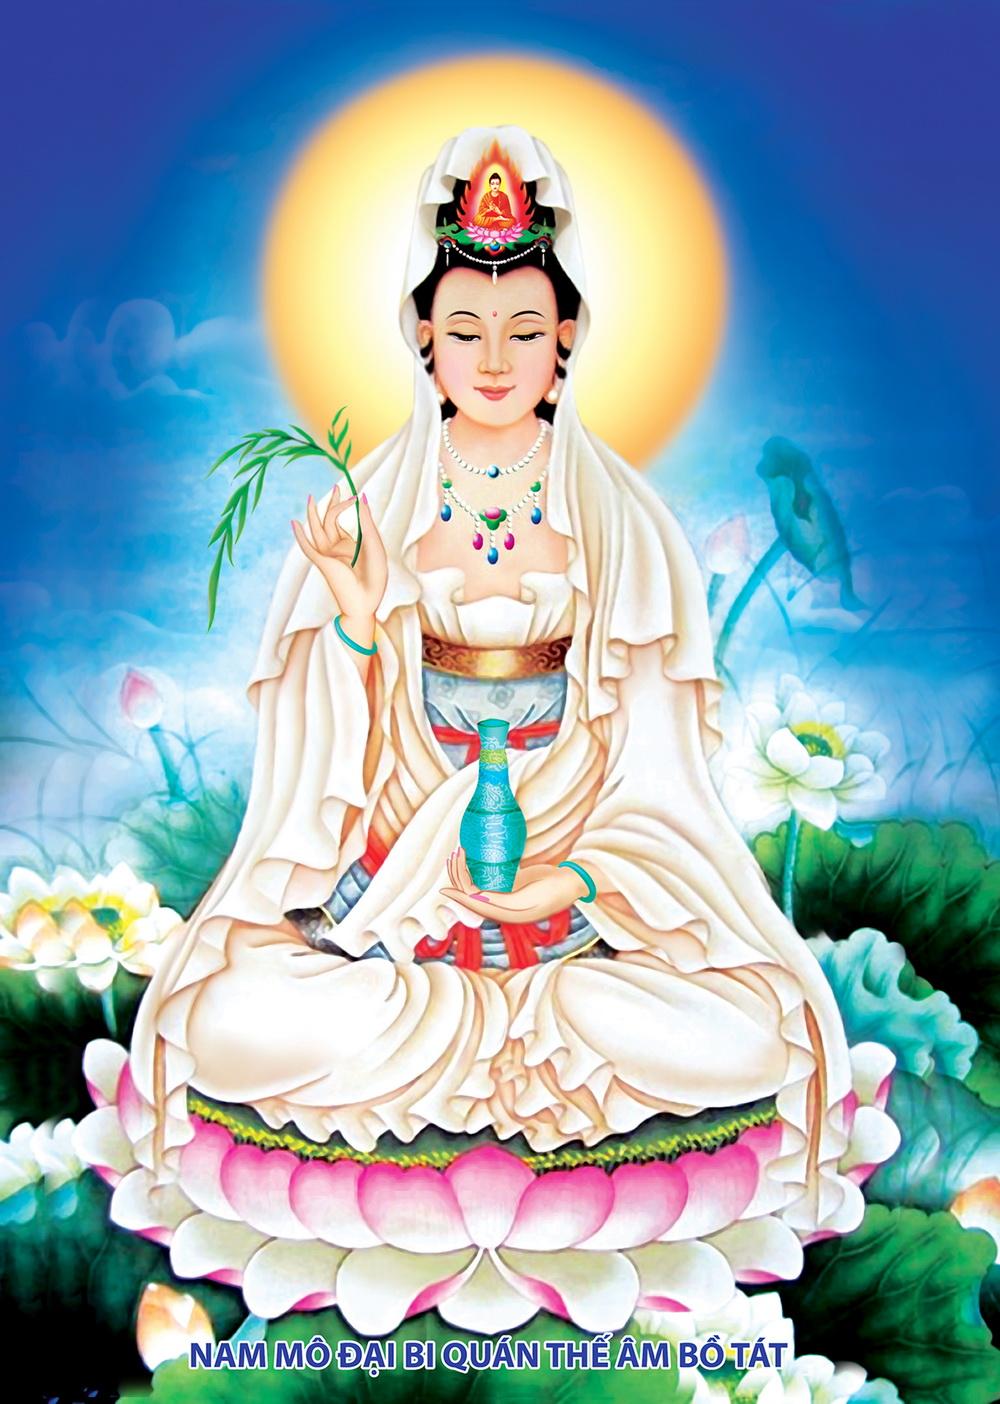 Hình ảnh Phật Quan Thế Âm Bồ Tát đẹp